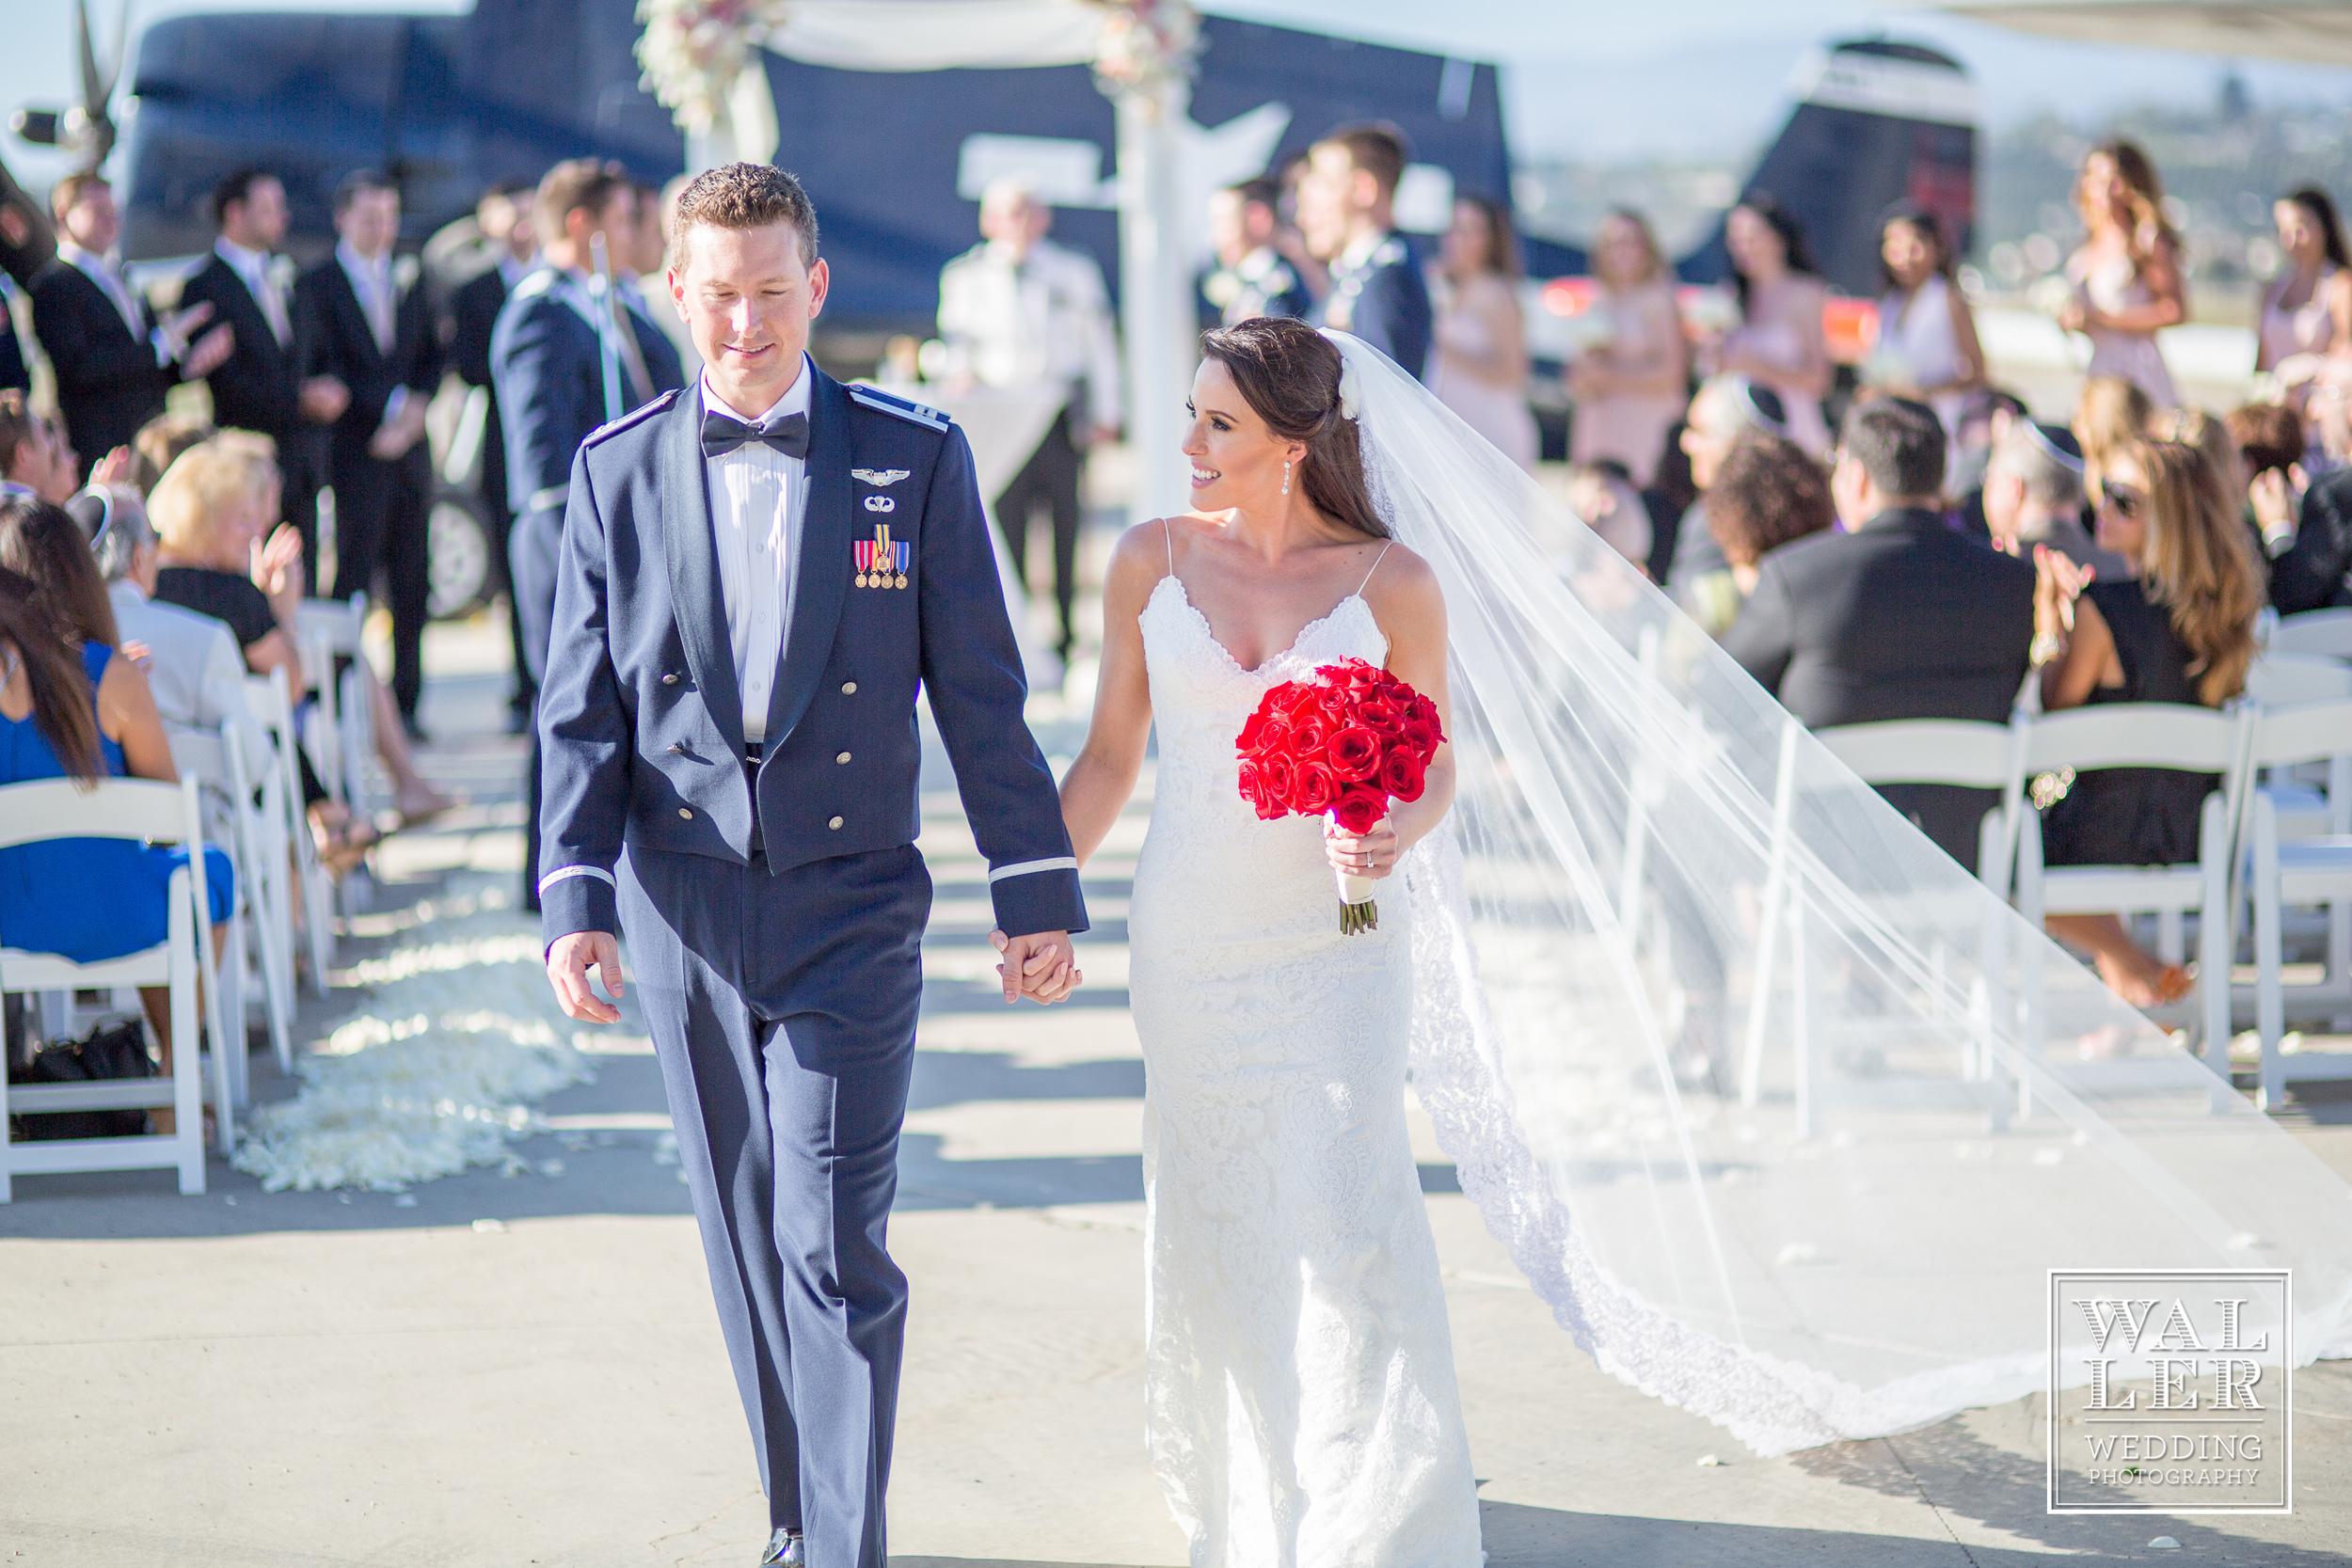 waller weddings-46.jpg